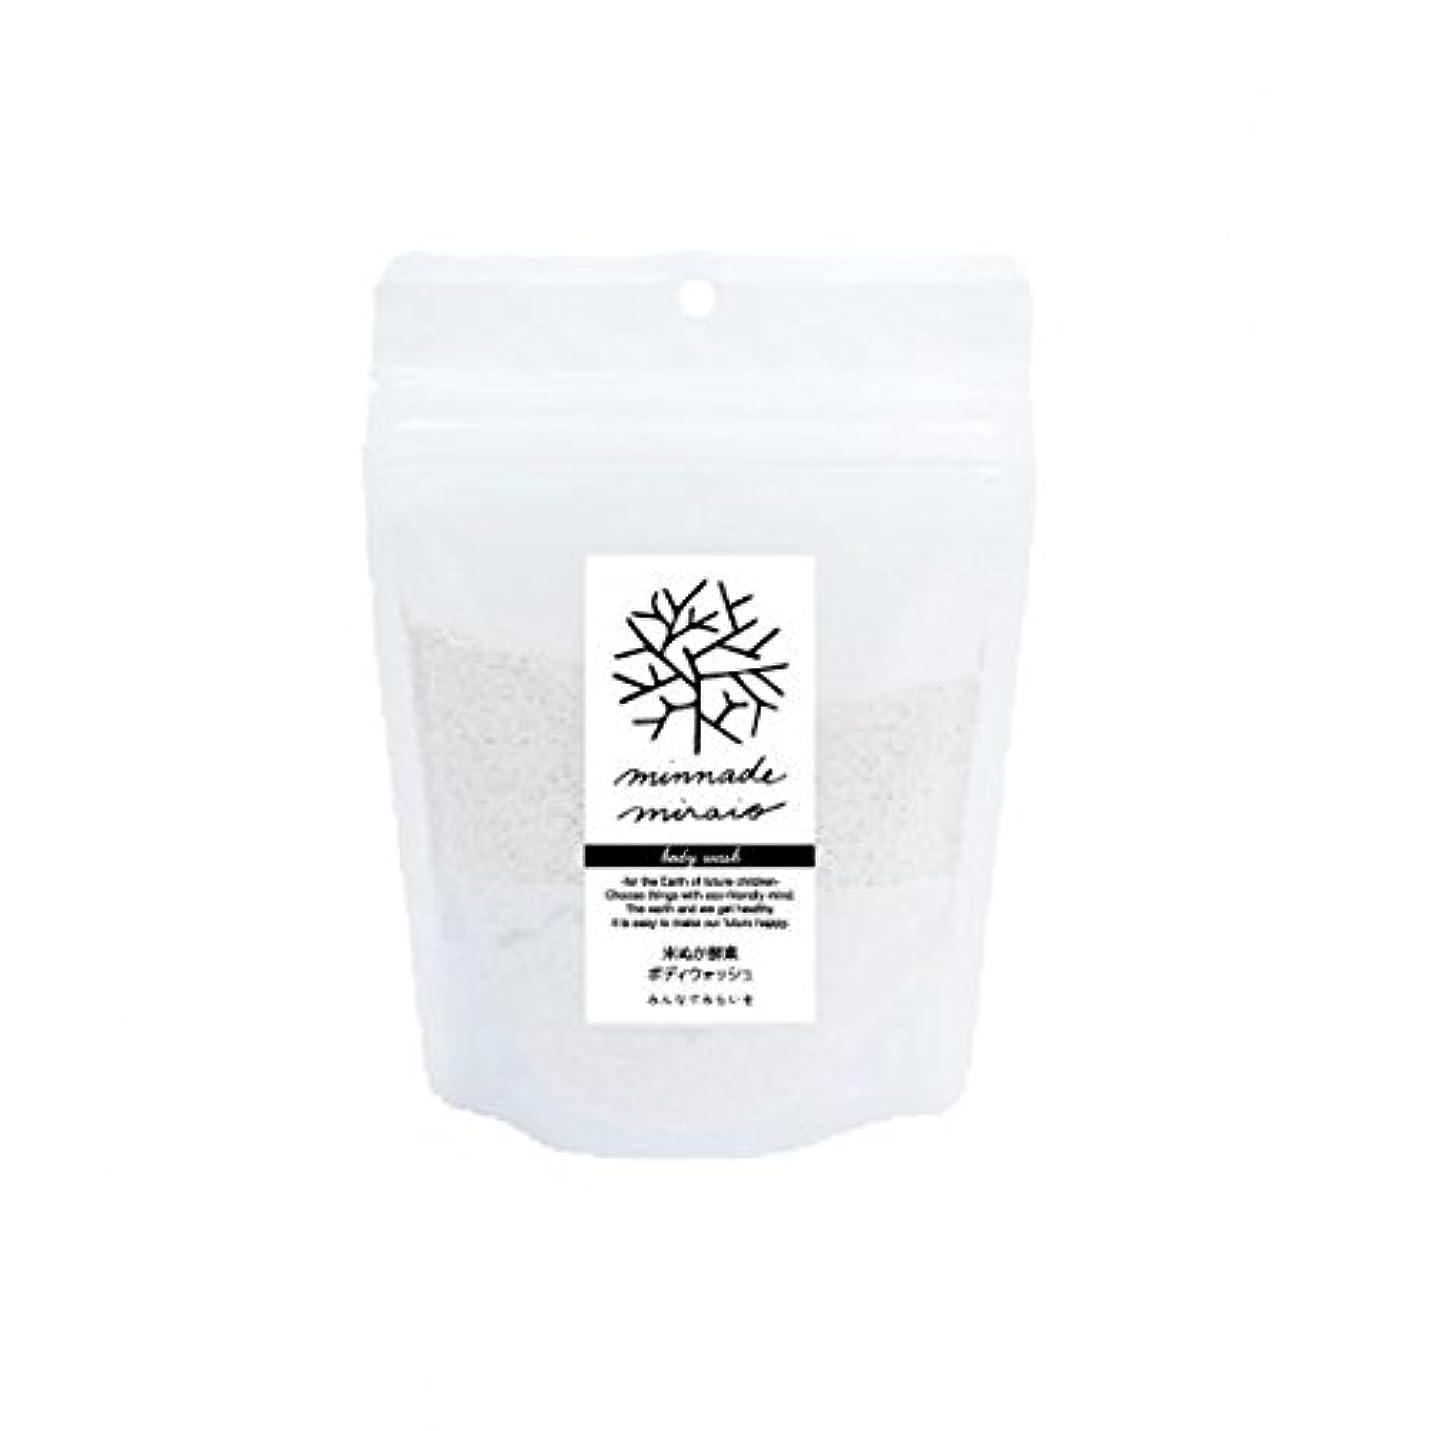 材料平らなにはまってみんなでみらいを 100%無添加 米ぬか酵素ボディウォッシュ 詰替用 130g×3袋